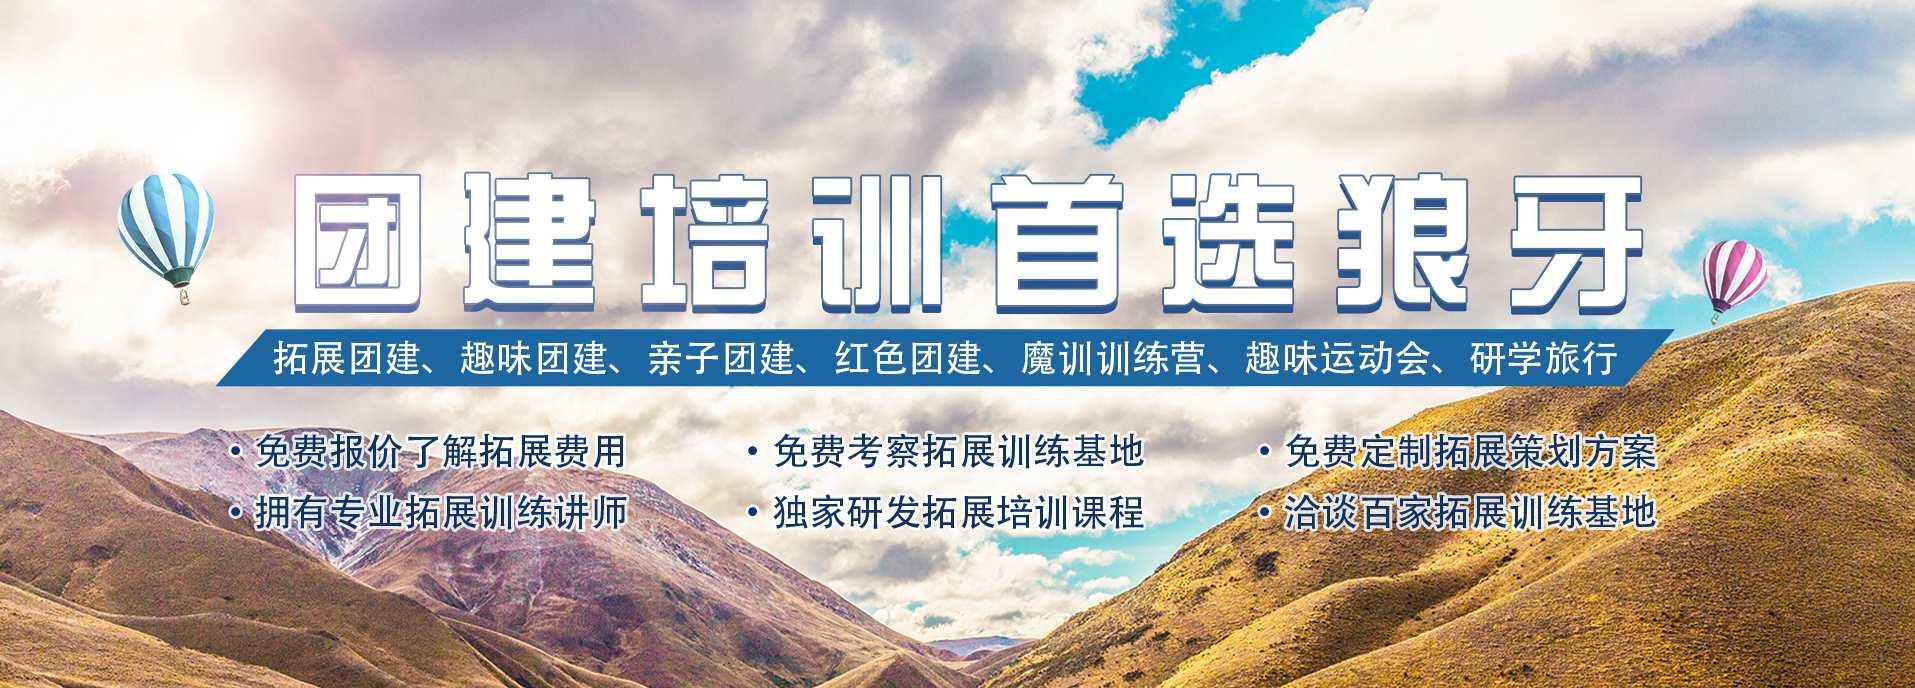 湖南狼牙合乐彩票训练官网banner图